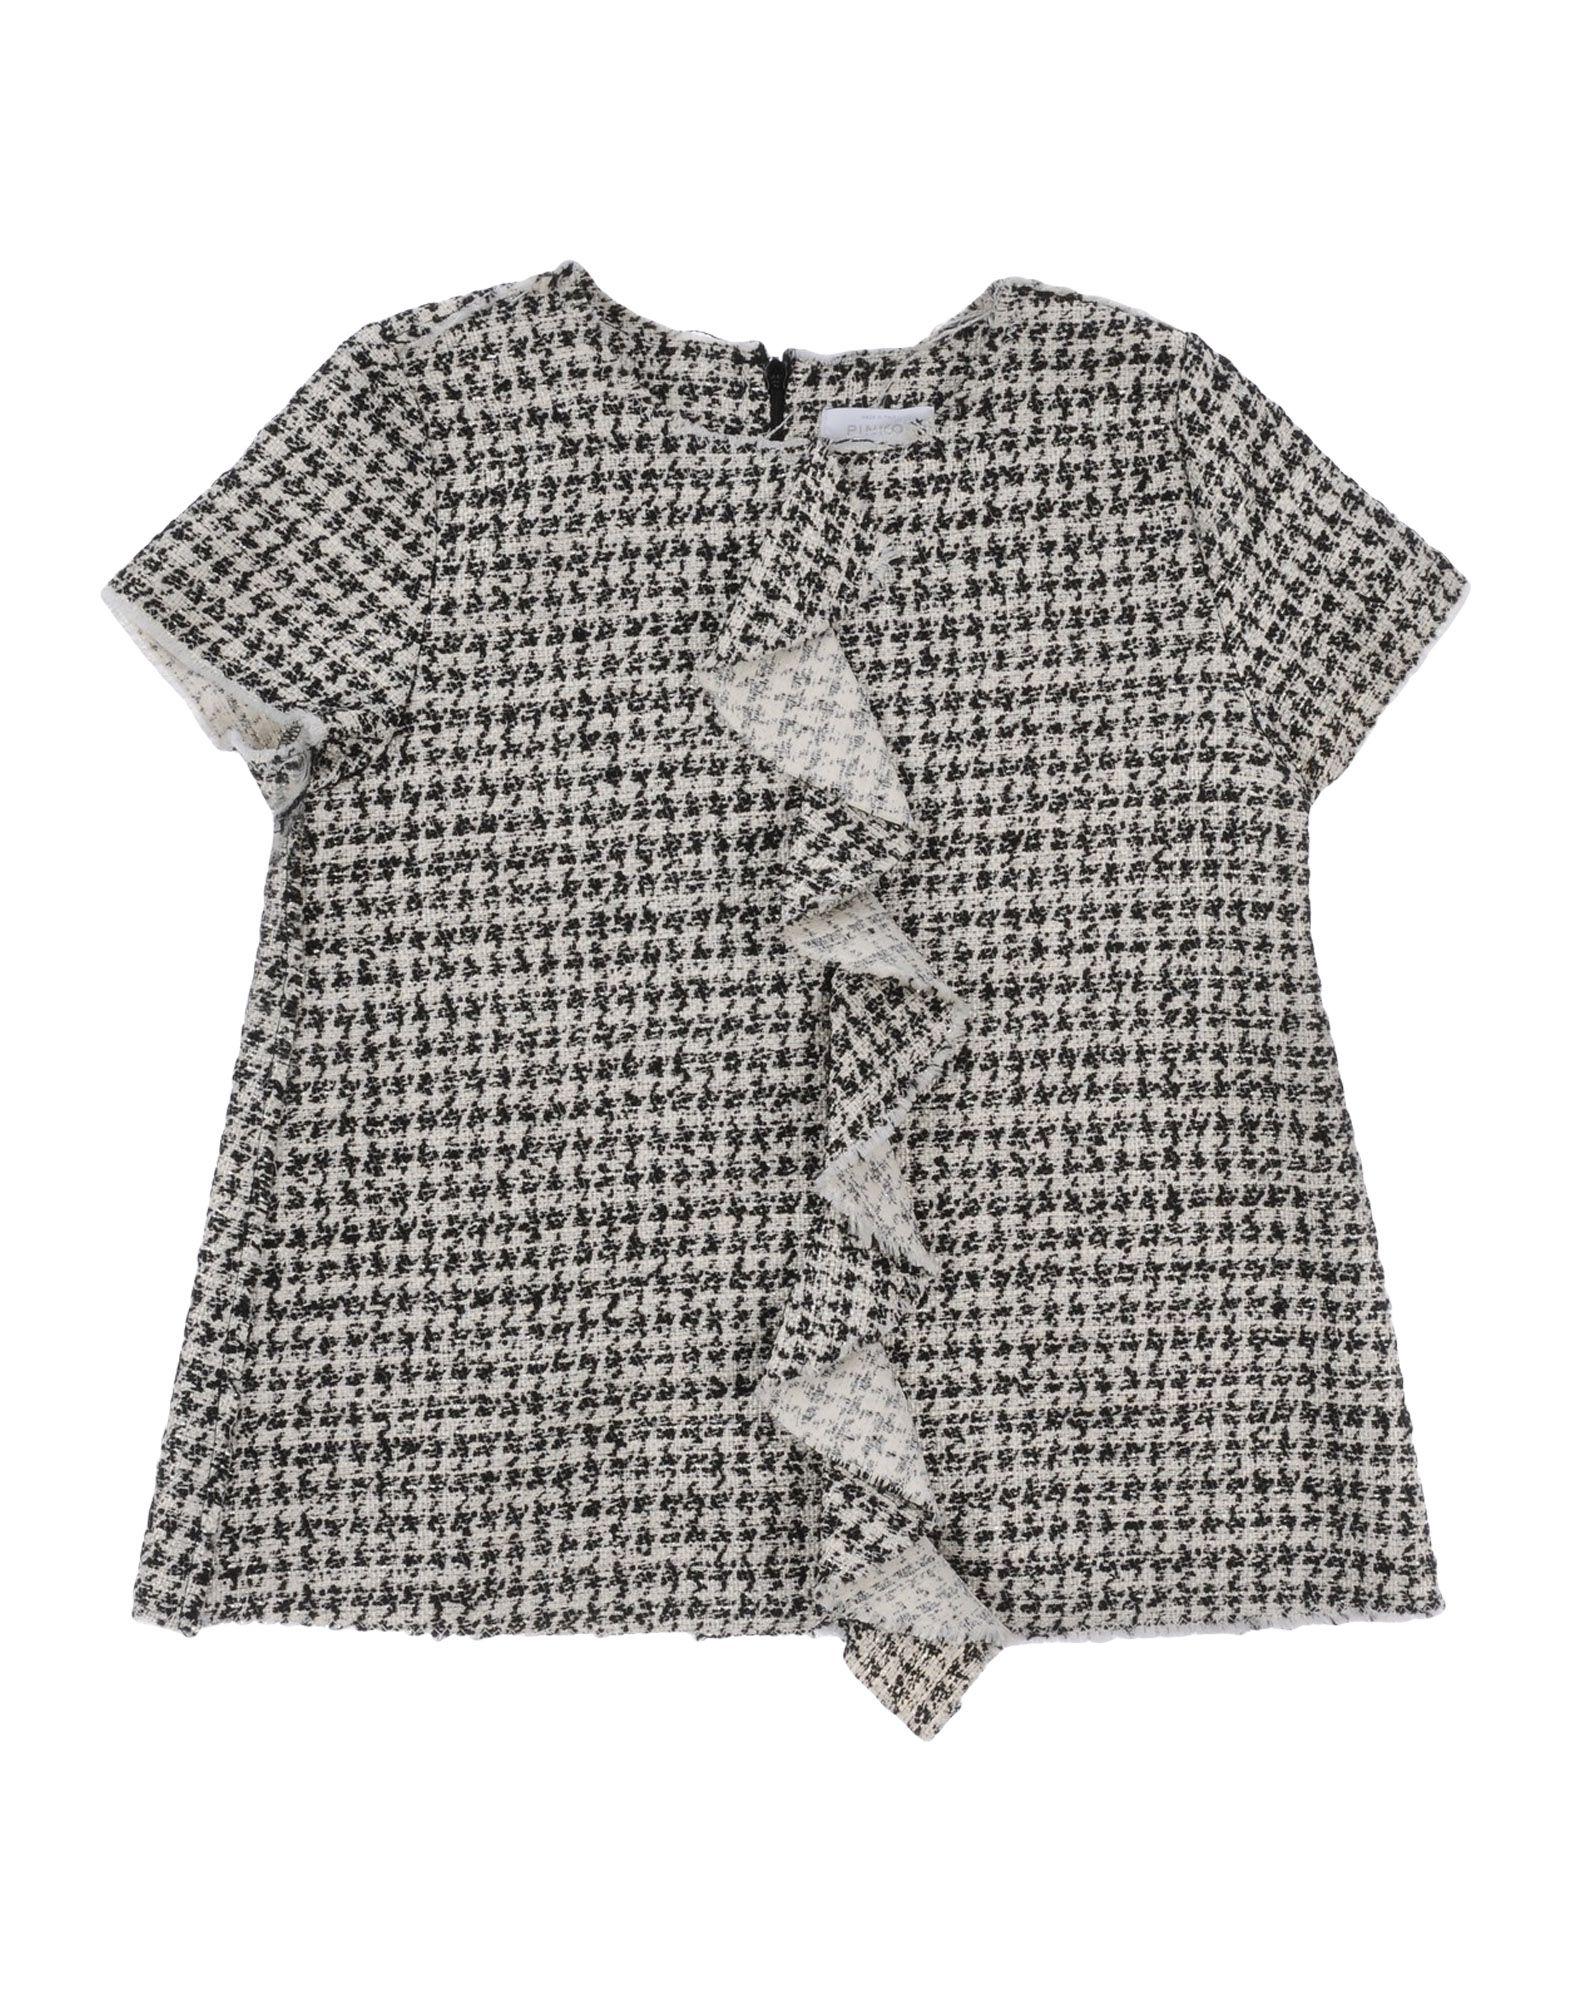 PINKO UP Mädchen 9-16 jahre Bluse6 schwarz